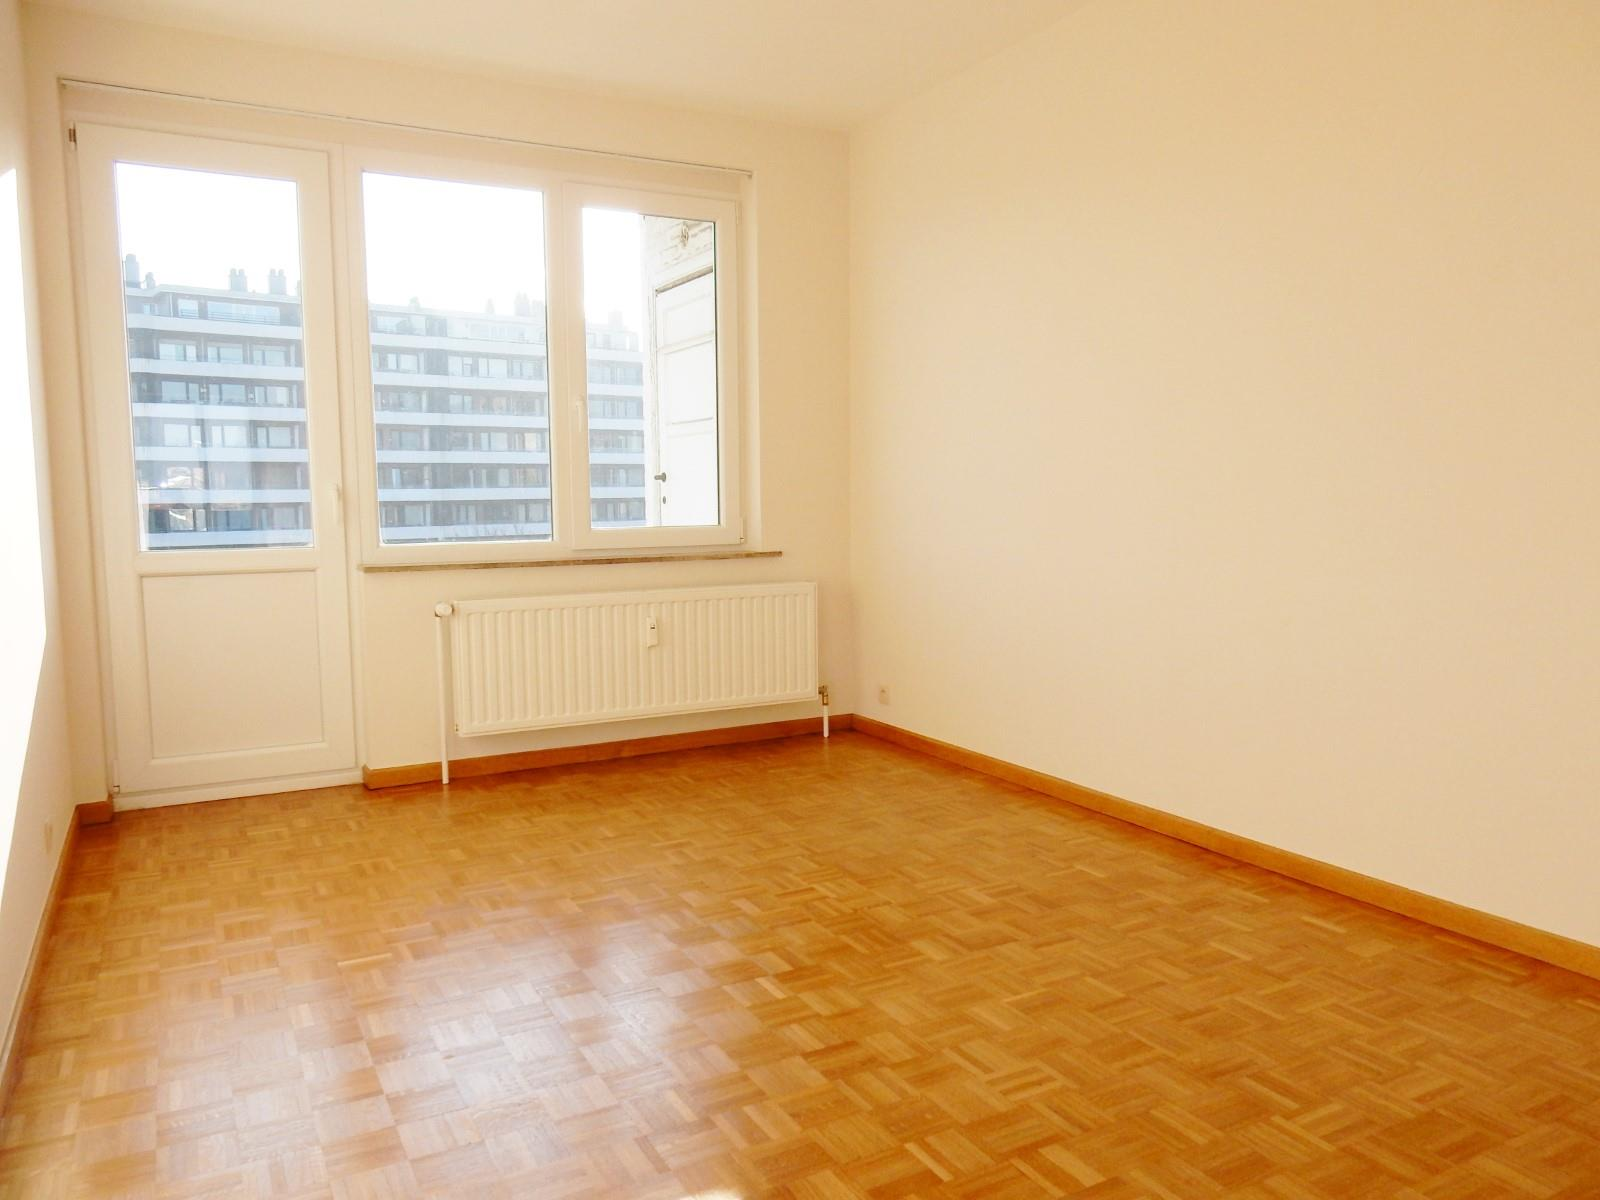 Flat - Schaerbeek - #4394057-13